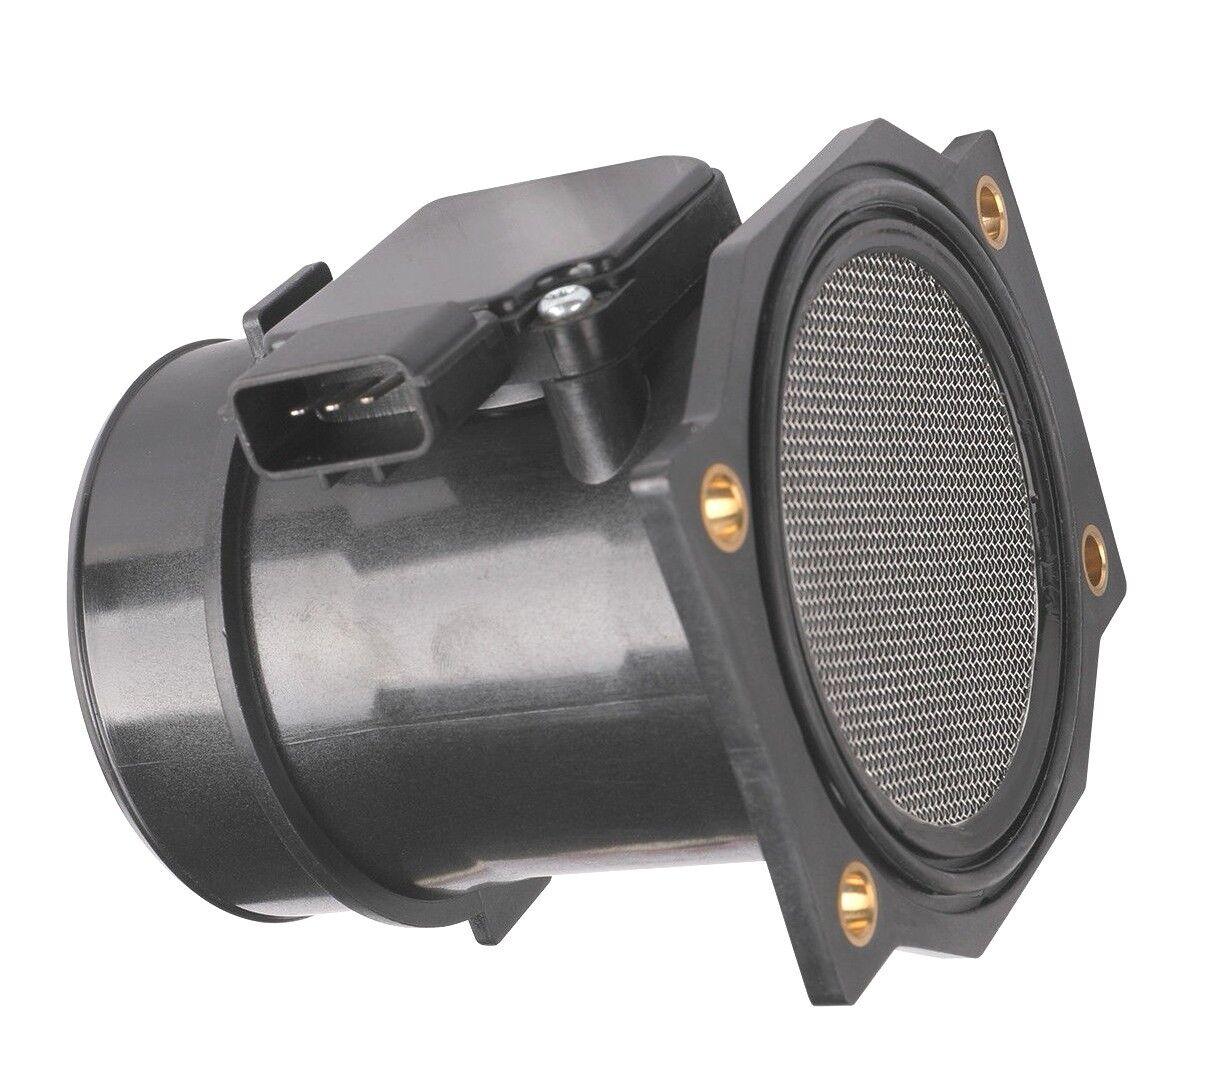 Mass Air Flow Sensor MAF for Nissan Xterra Quest Frontier  Pathfinder 3.3L  GAS